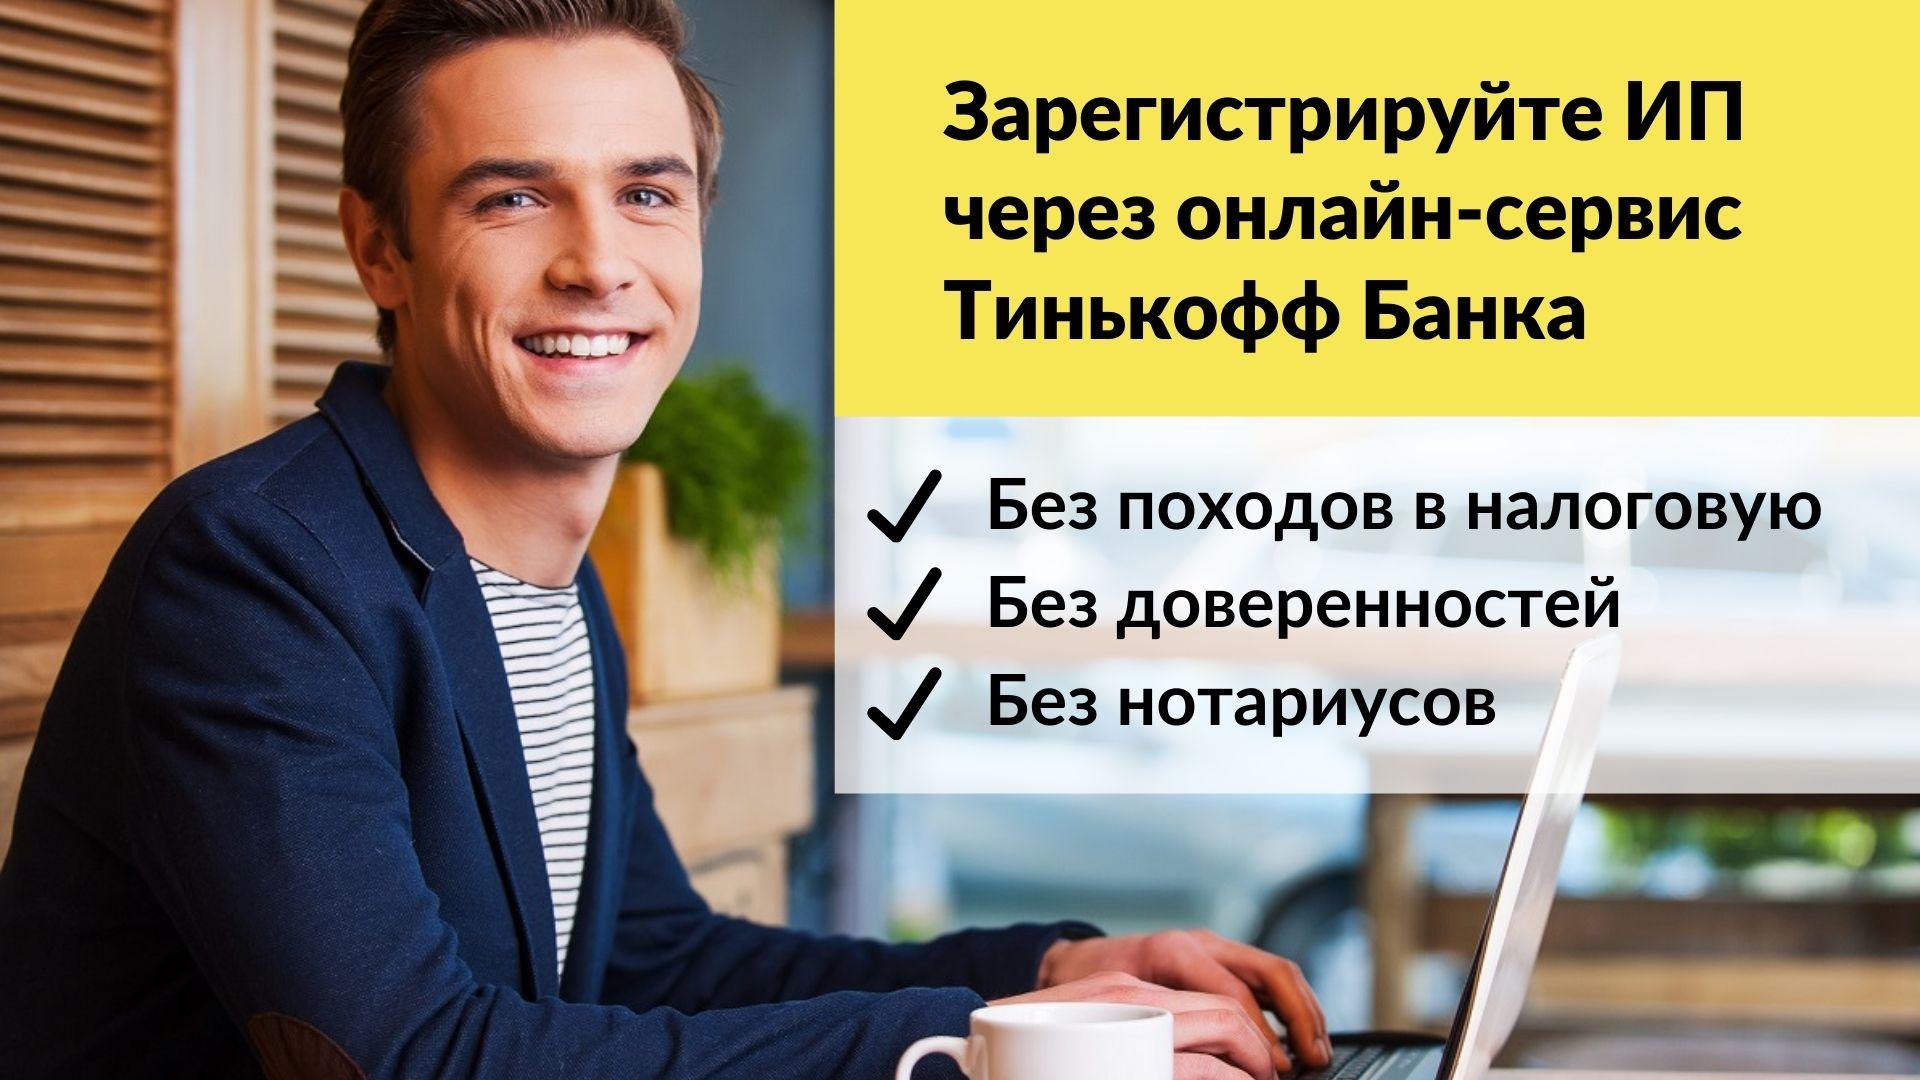 ИП Онлайн в Тинькофф Банке   Возраст